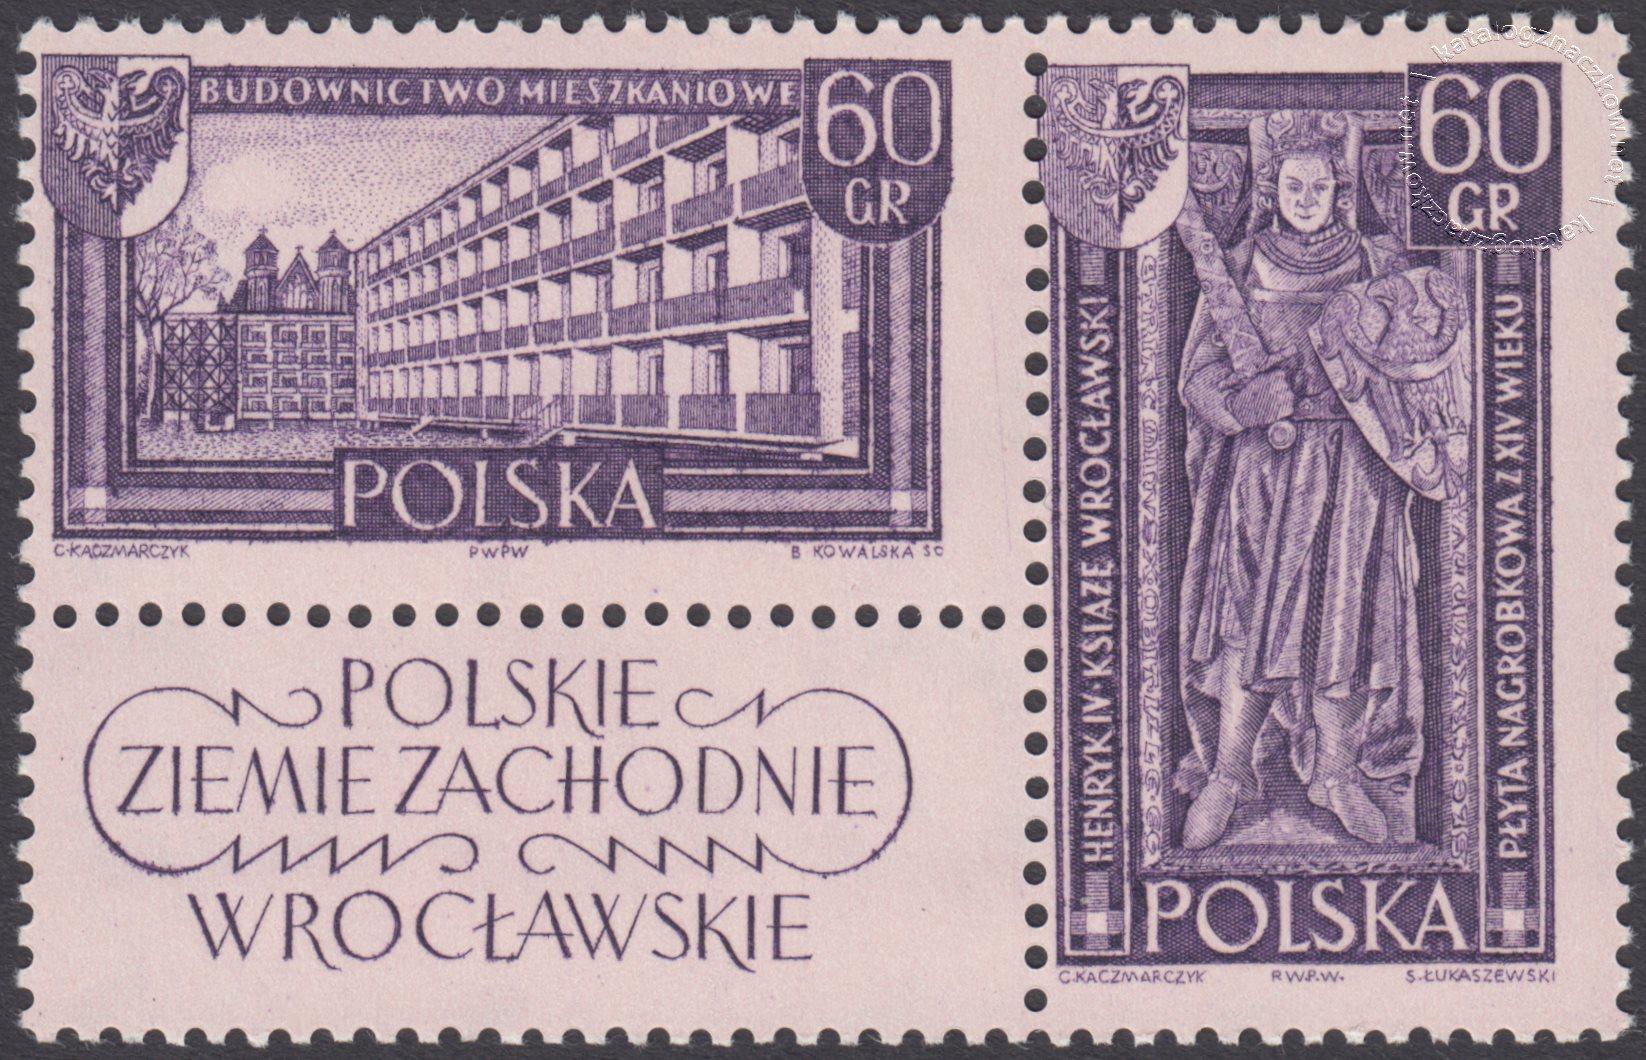 Polskie Ziemie Zachodnie znaczki nr 1105-1106